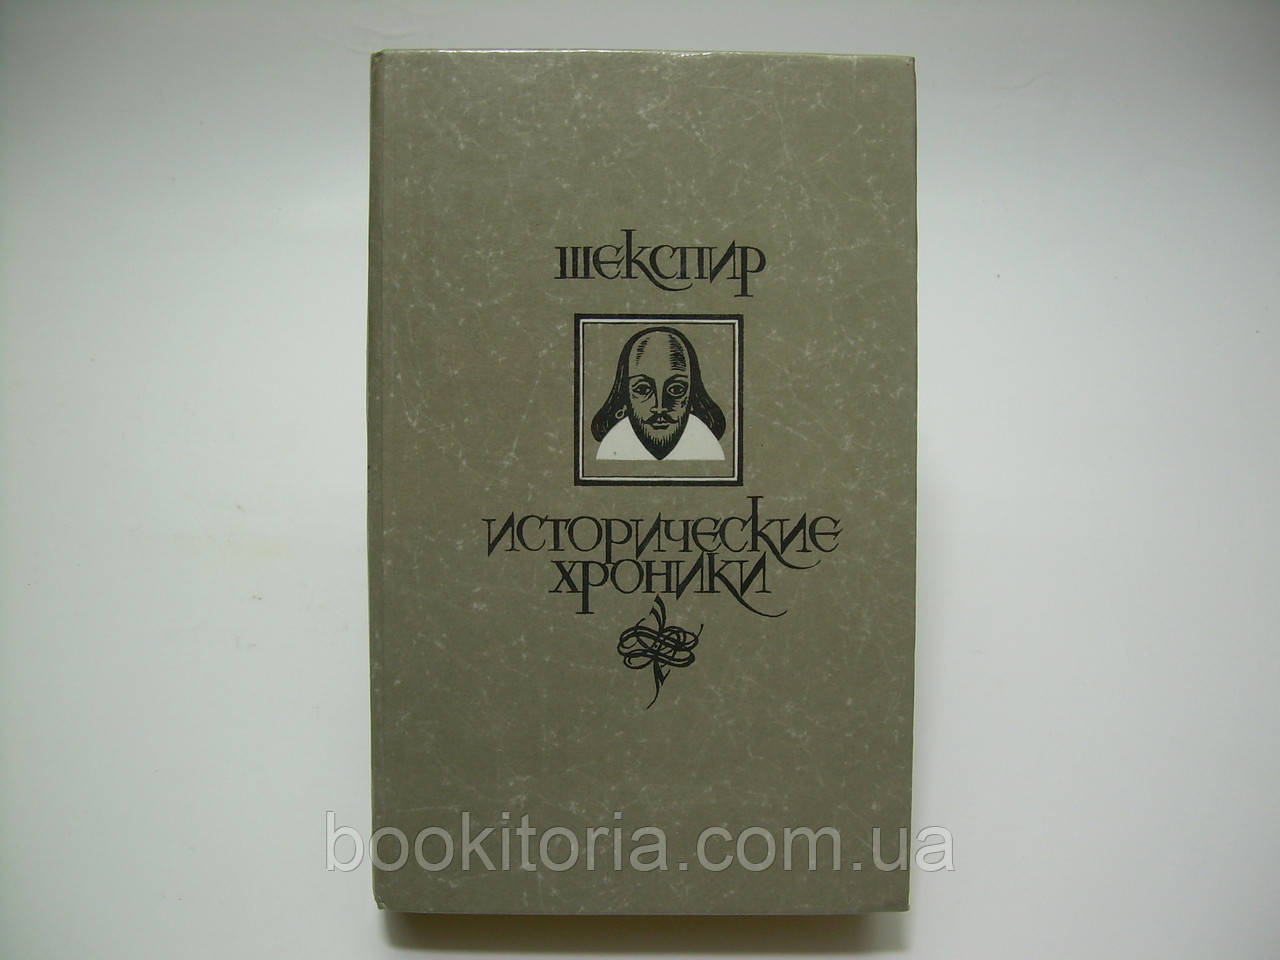 Шекспир. Исторические хроники (б/у).